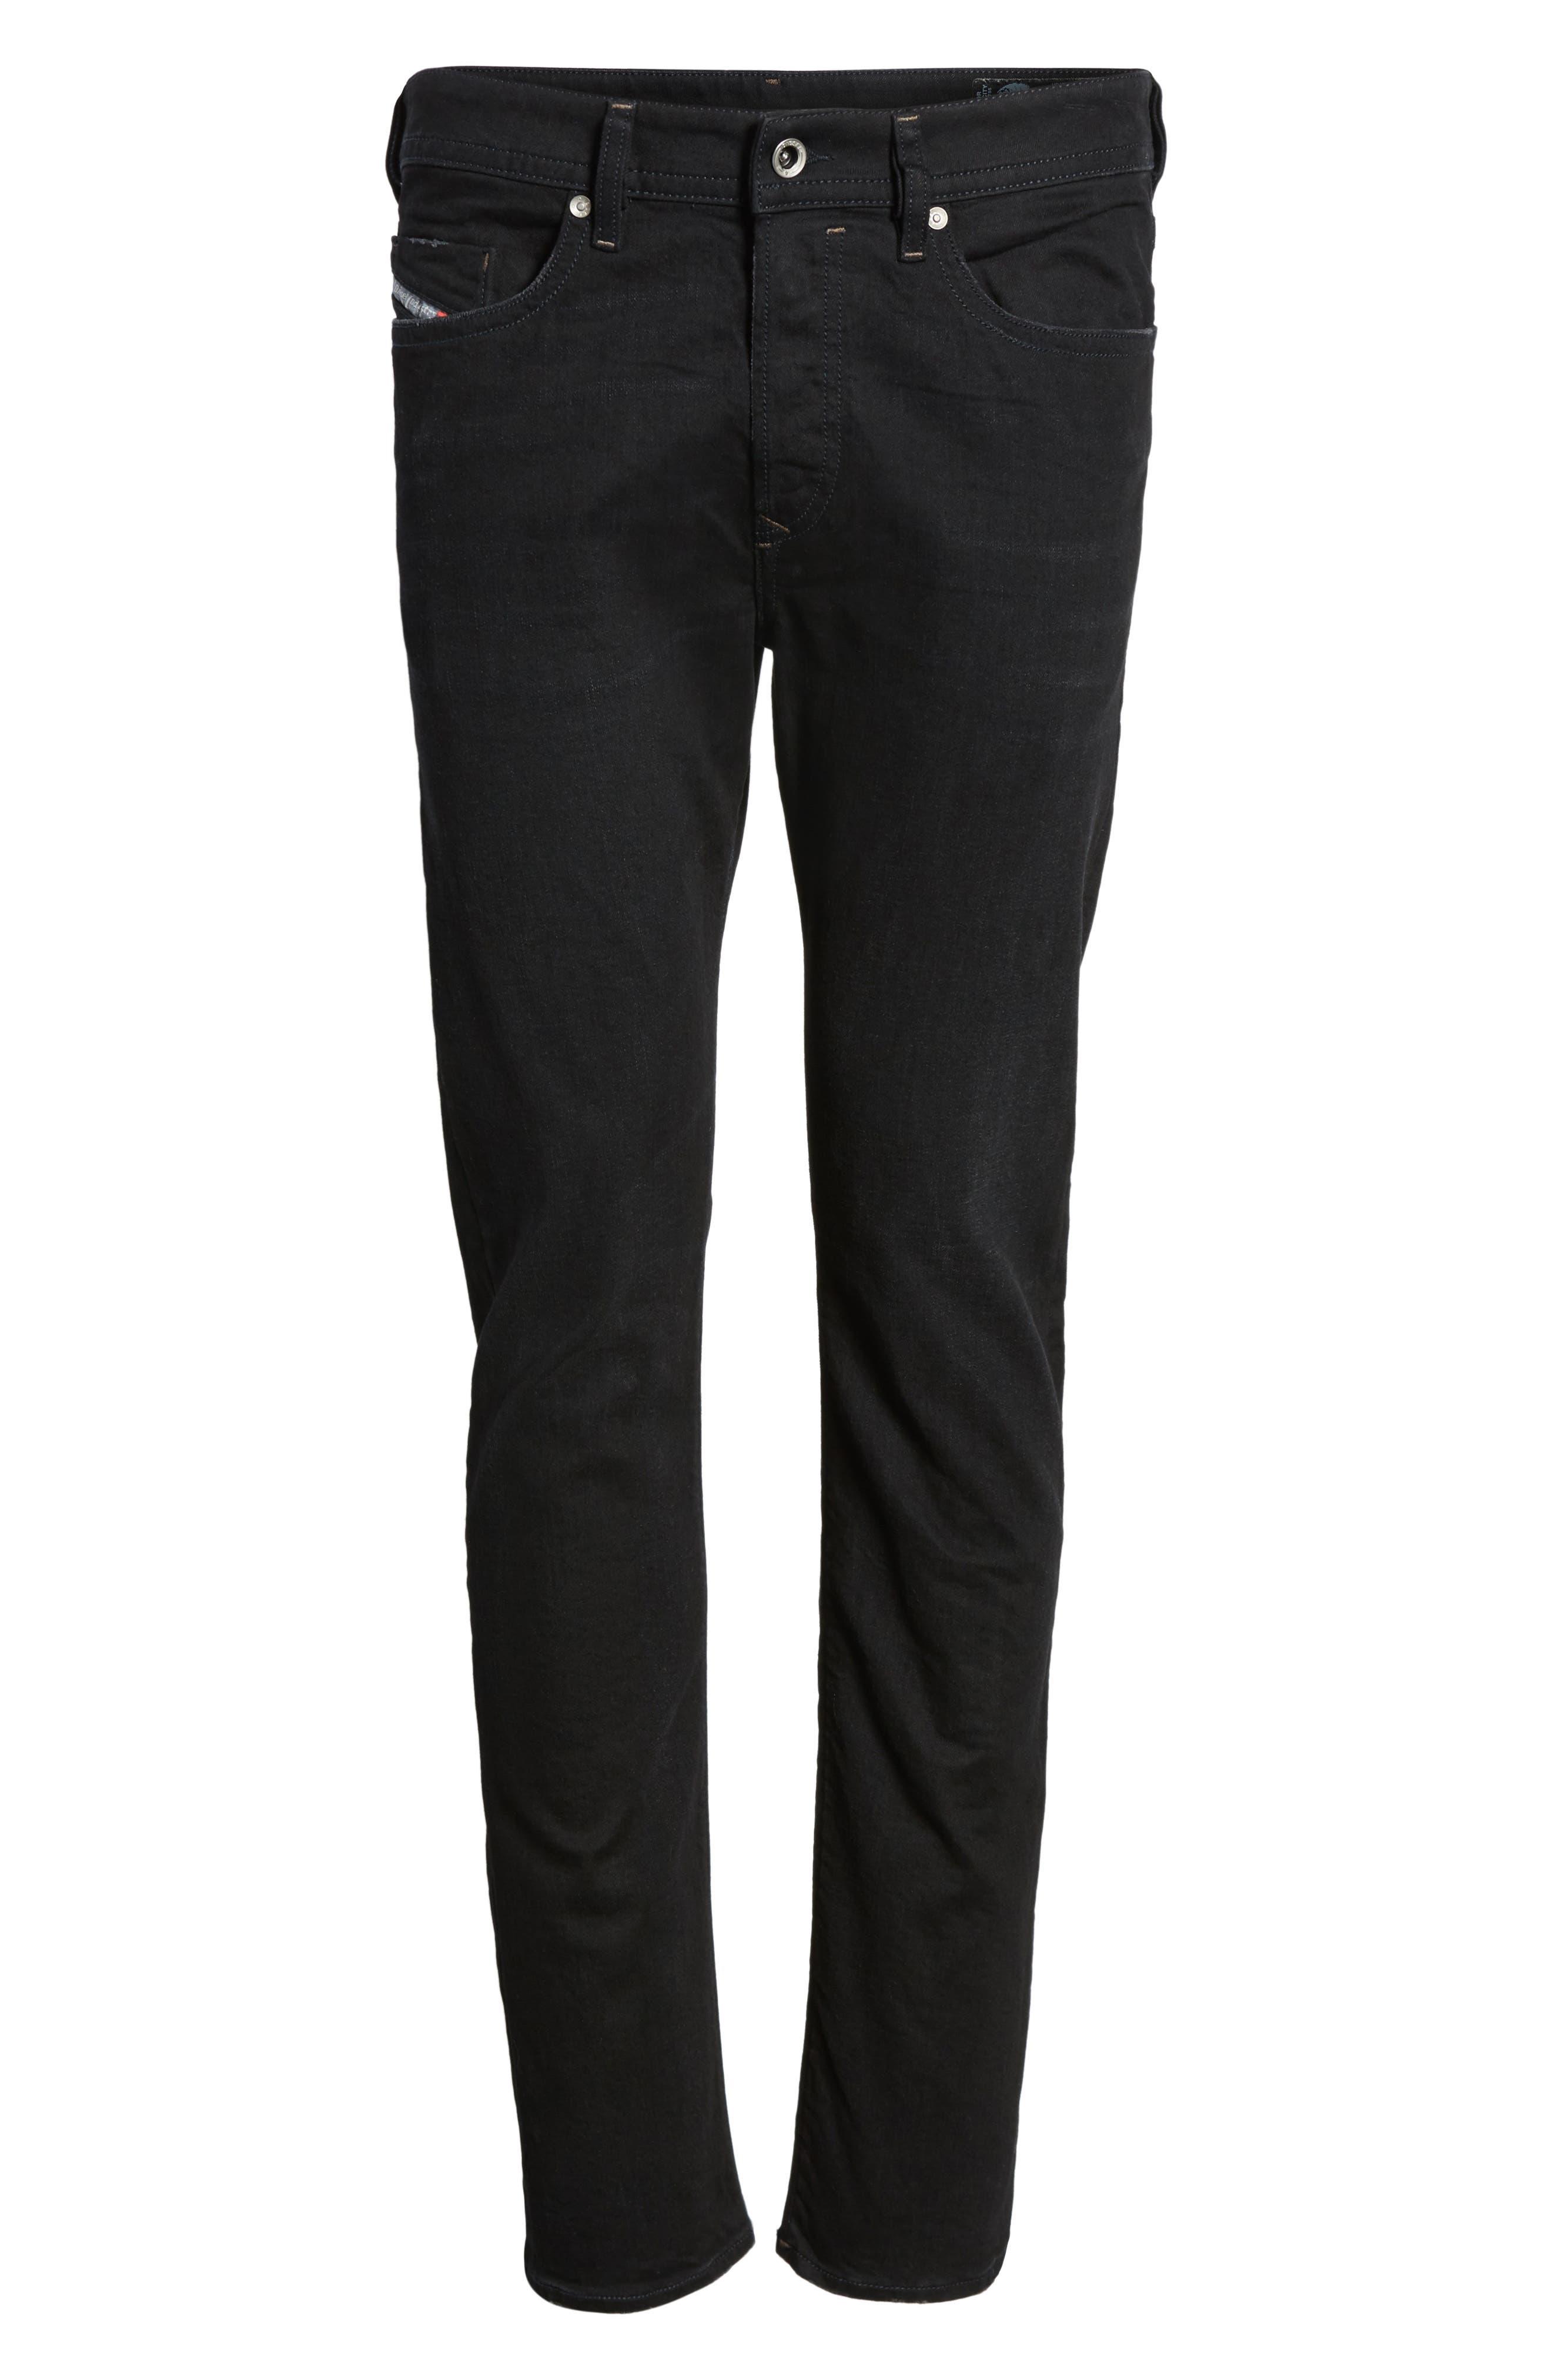 Alternate Image 1 Selected - DIESEL® Buster Slim Straight Fit Jeans (0674N)